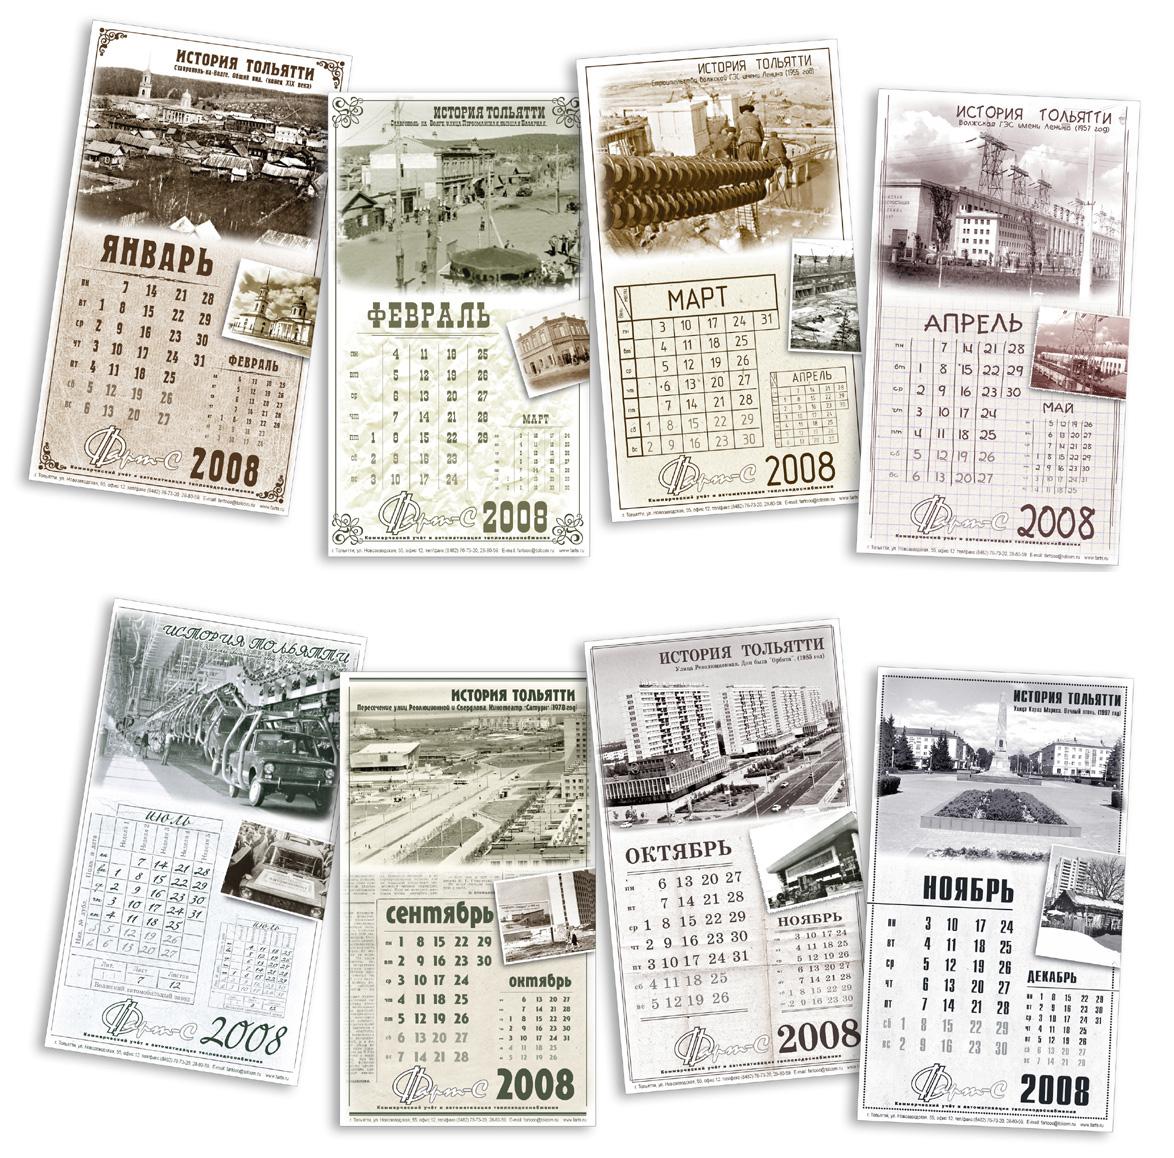 Генератор Календарей 3.55 - сделать уникальные календари.